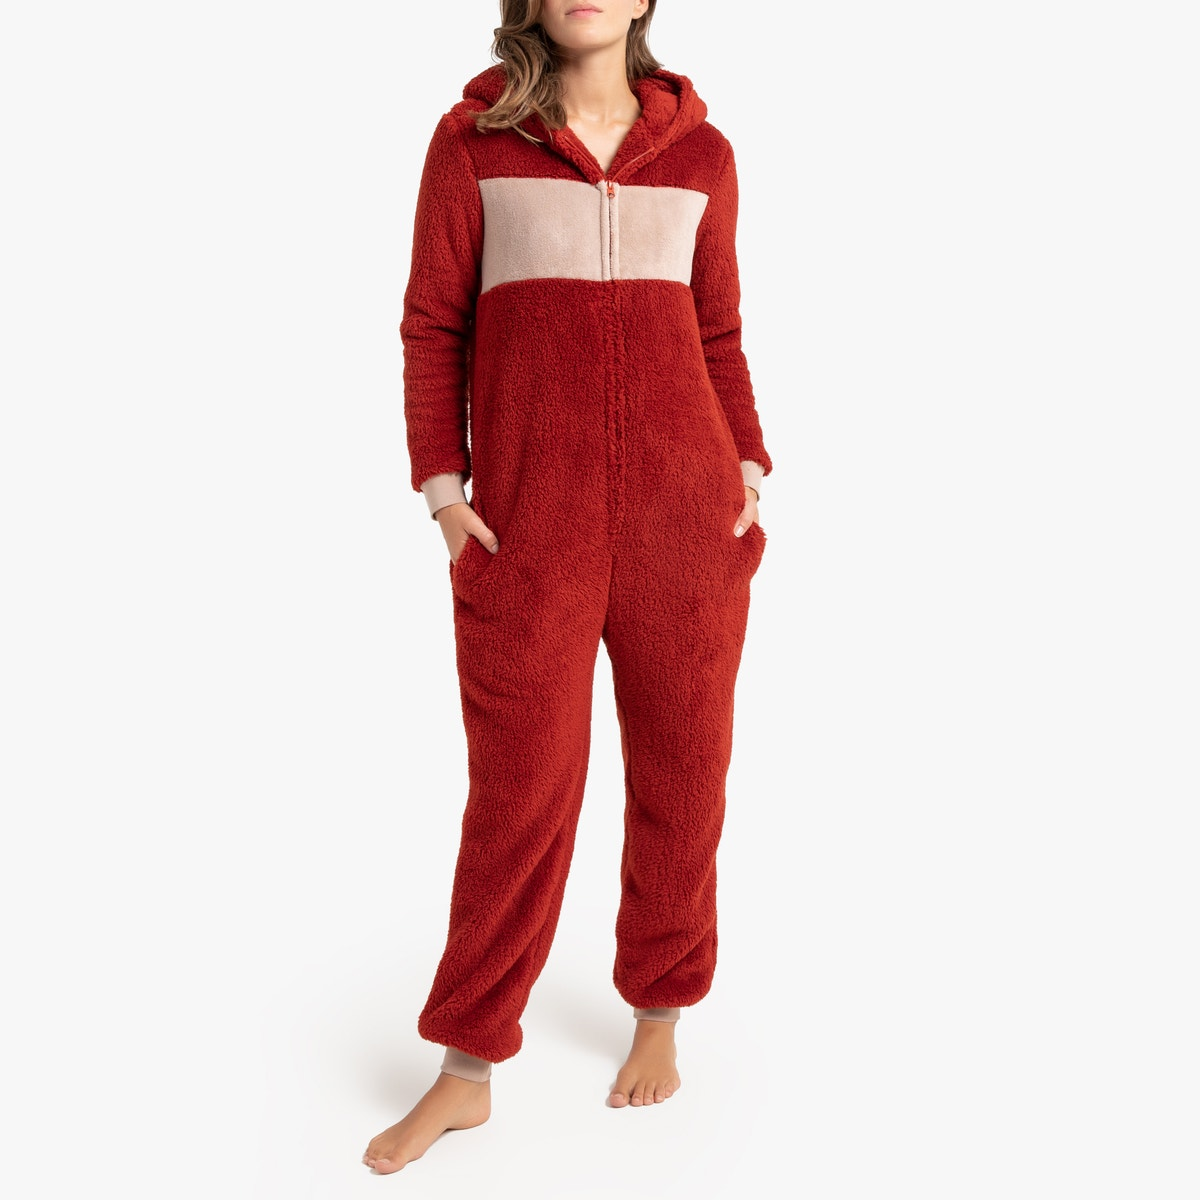 La Redoute Collections - Ολόσωμη πιτζάμα με κουκούλα σε μορφή αλεπούς 350148267 - 9433